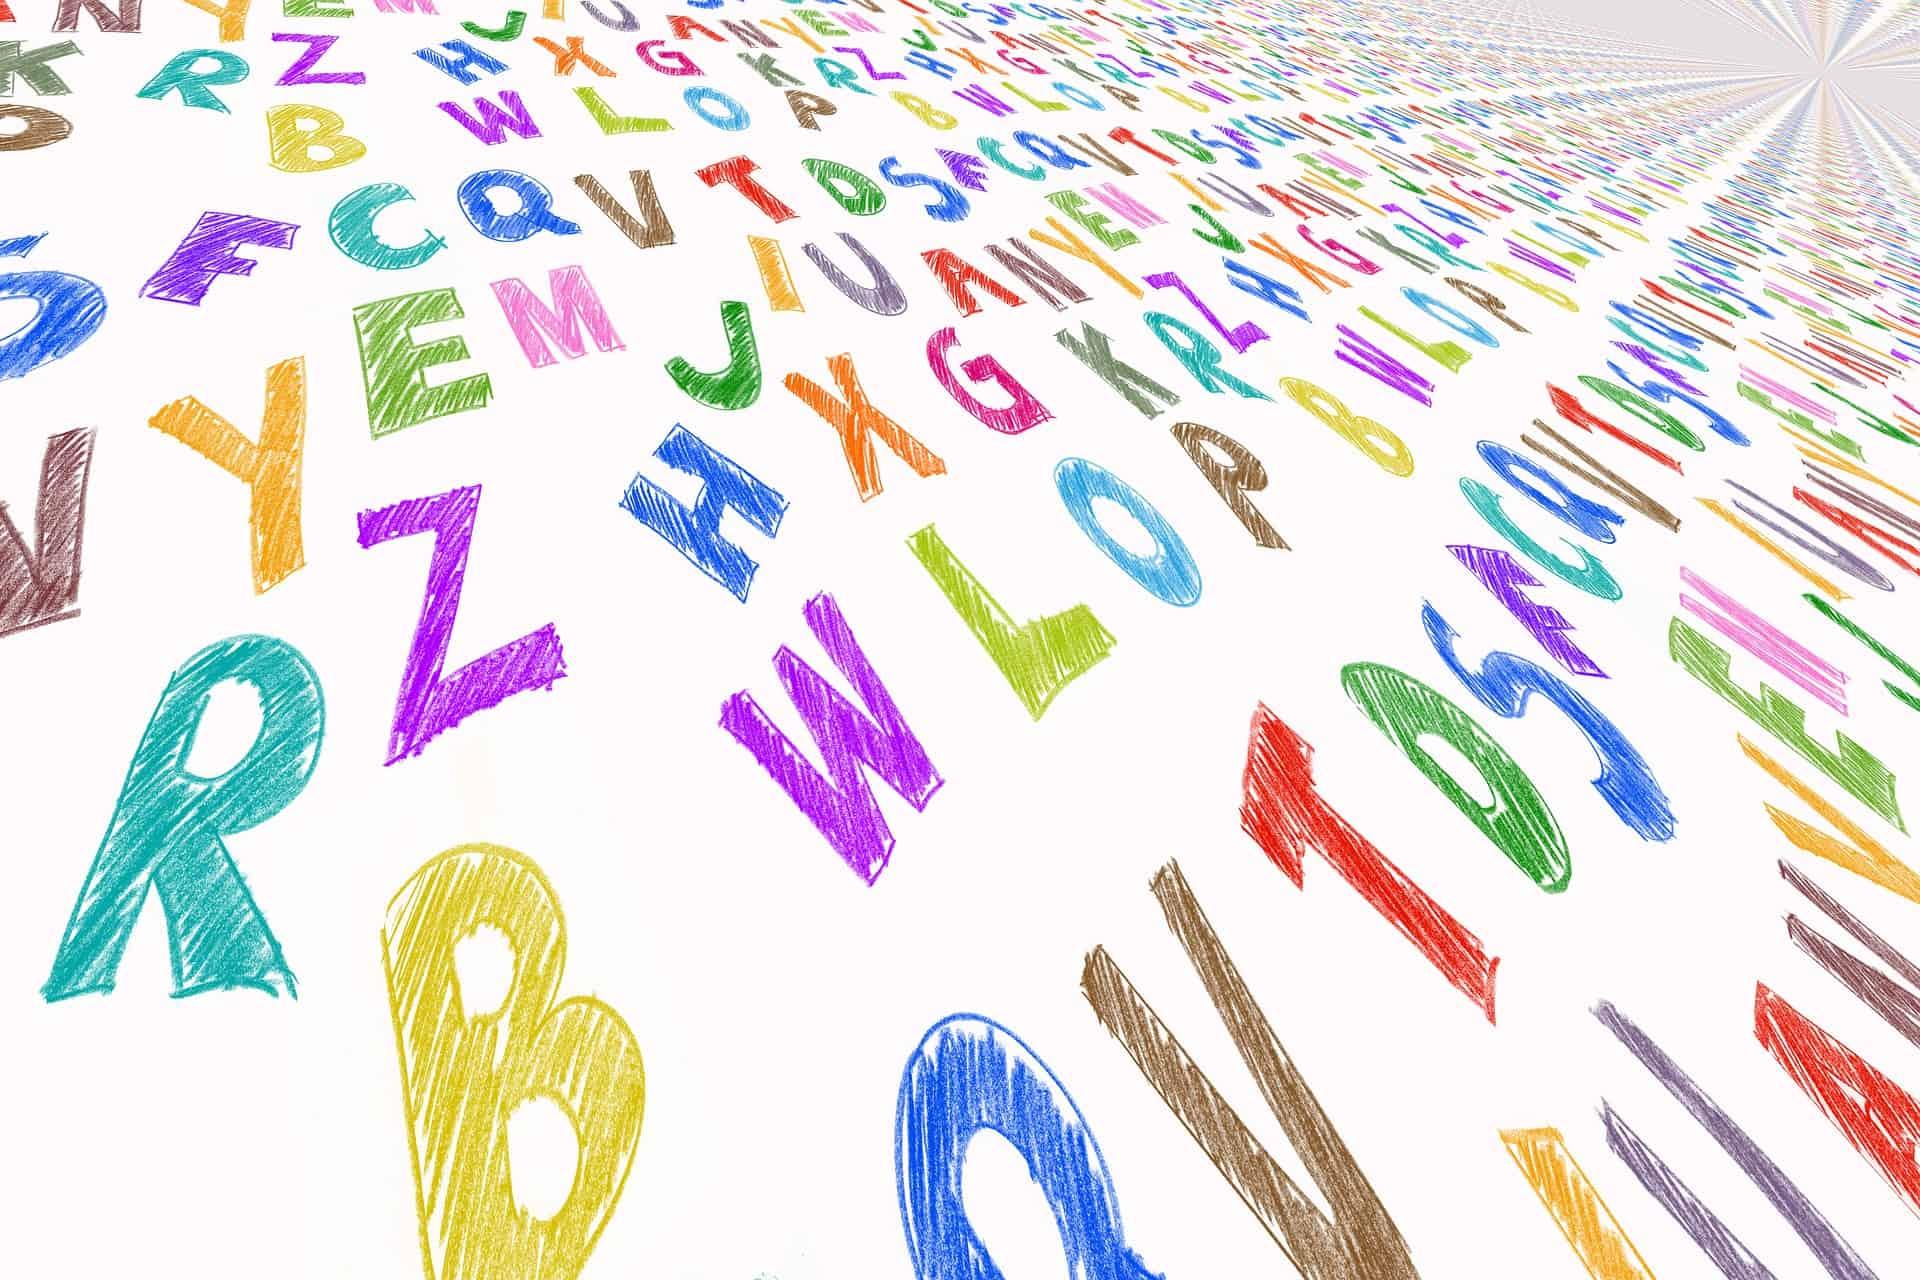 sådan lærer dit barn alfabetet